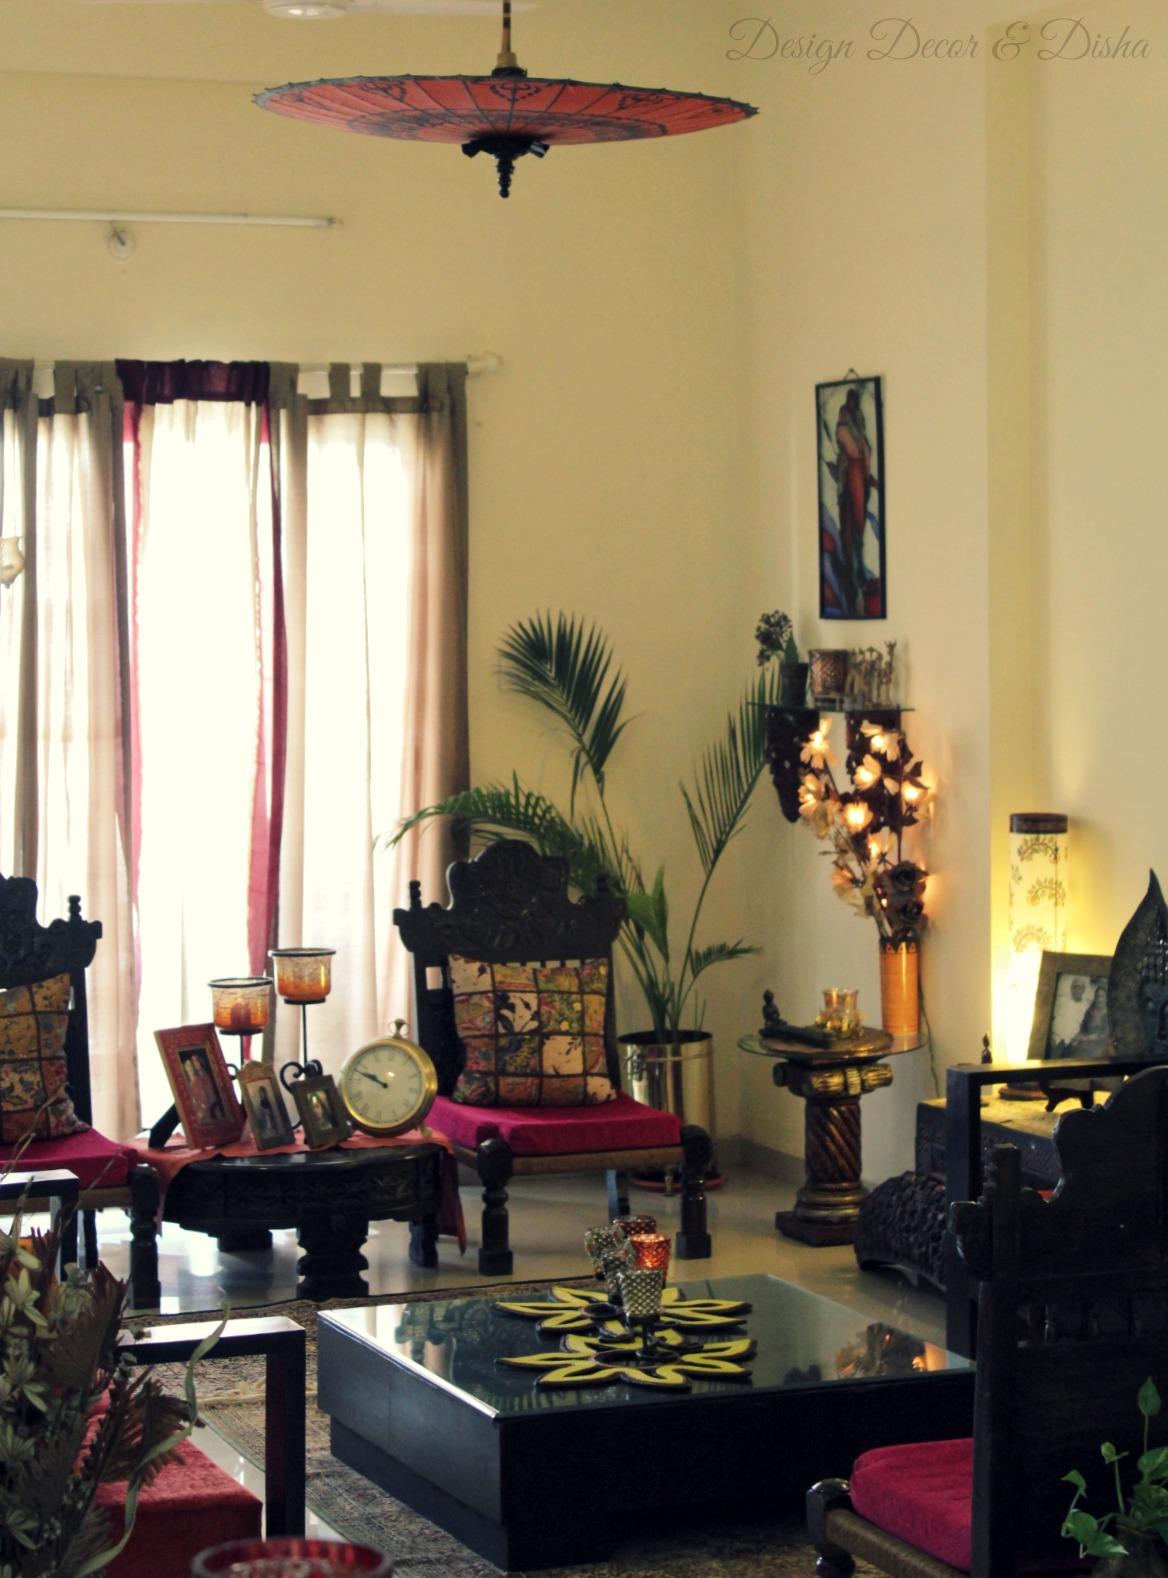 furnishing items